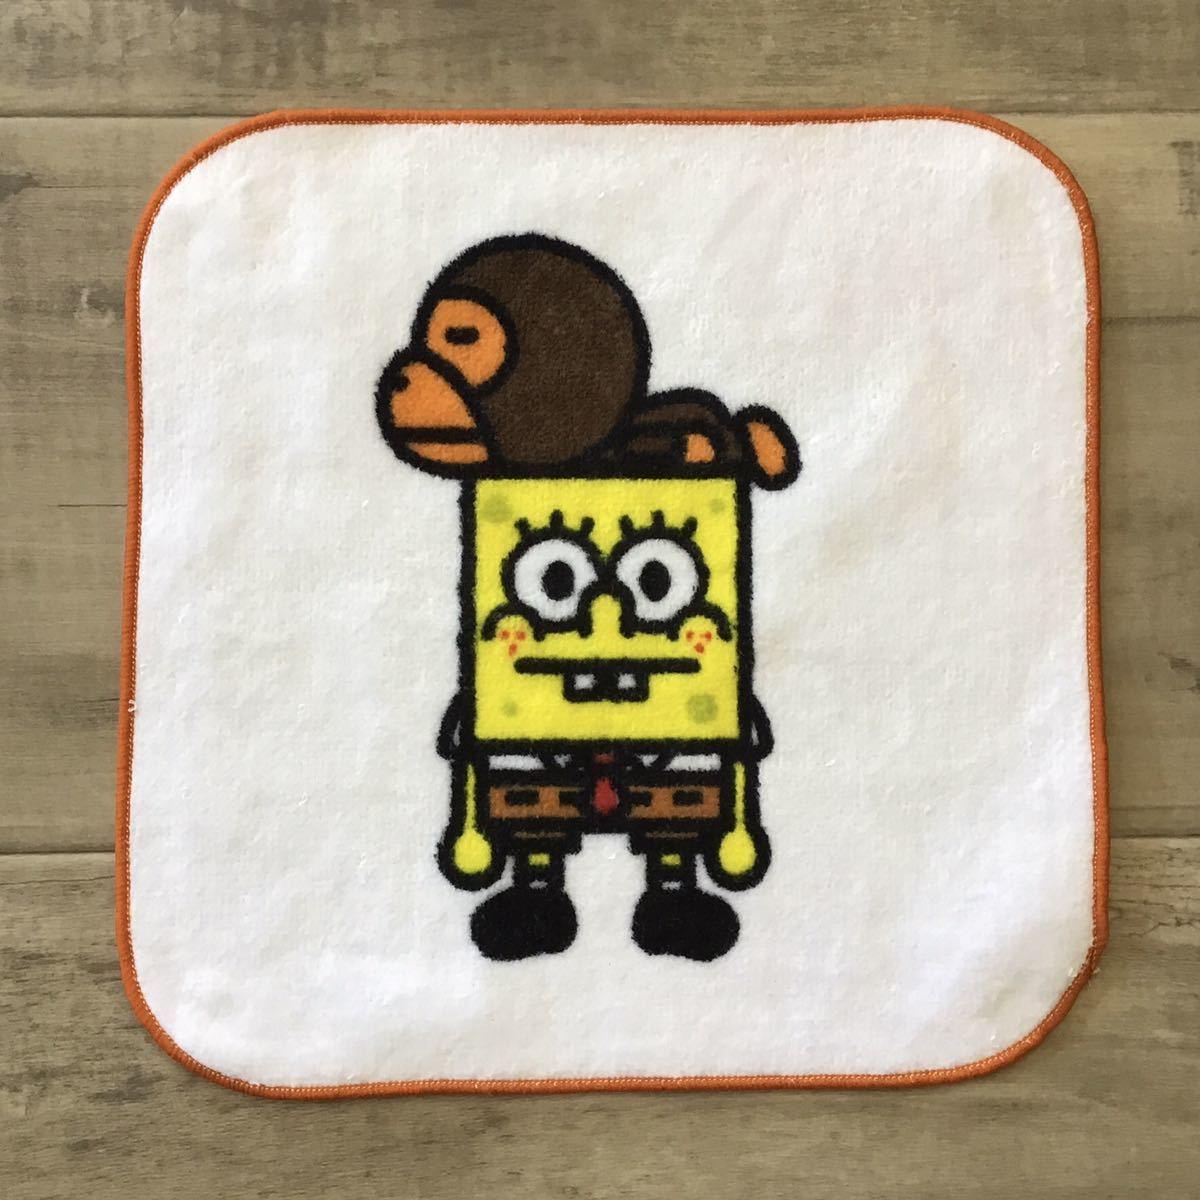 ★新品★ スポンジボブ × BAPE マイロ ハンド タオル a bathing ape baby milo sponge bob エイプ ベイプ アベイシングエイプ towel 124